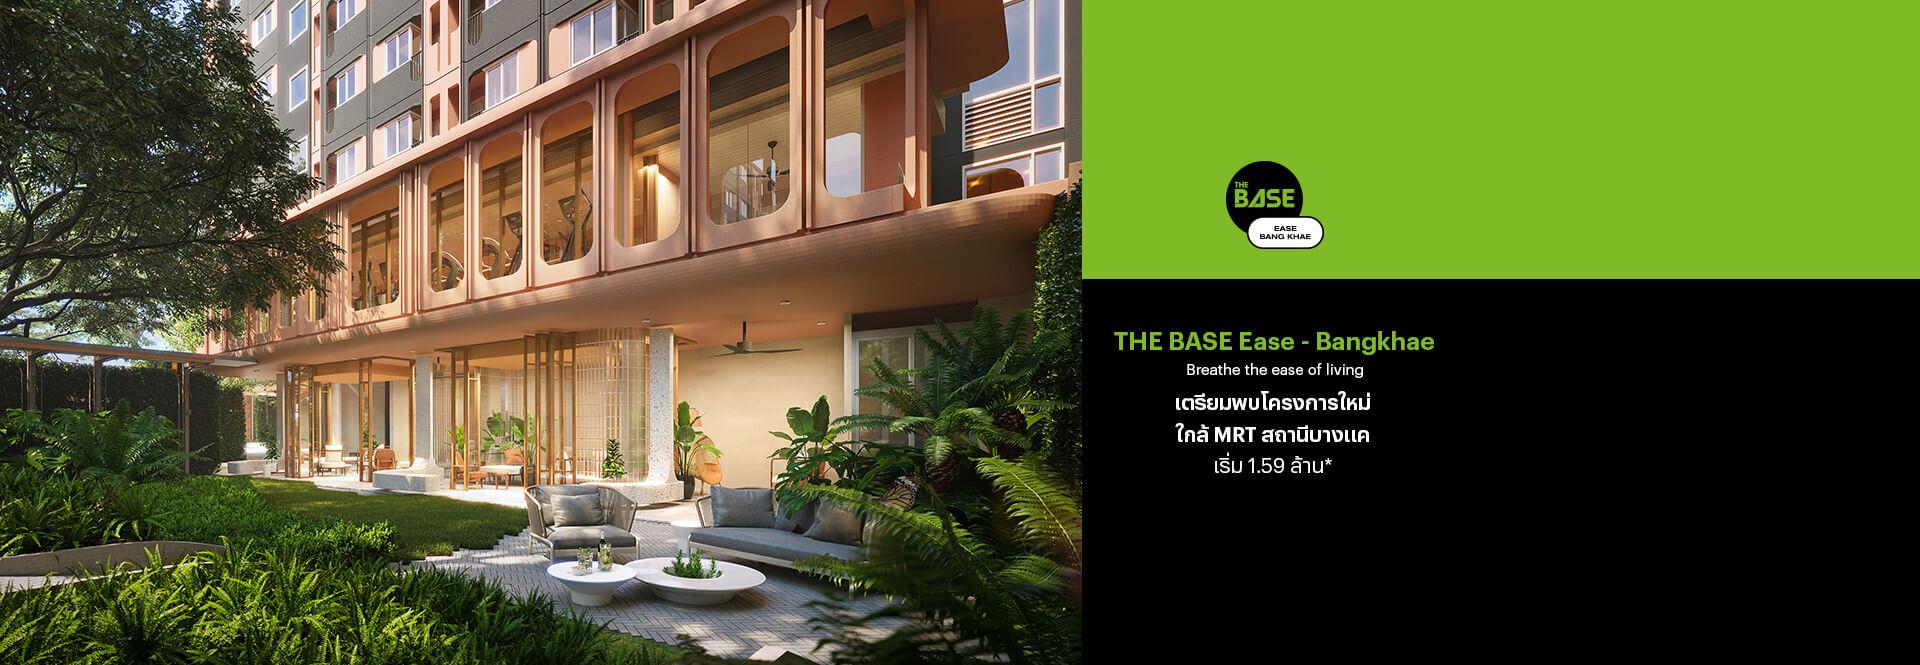 The Base ease bangkae